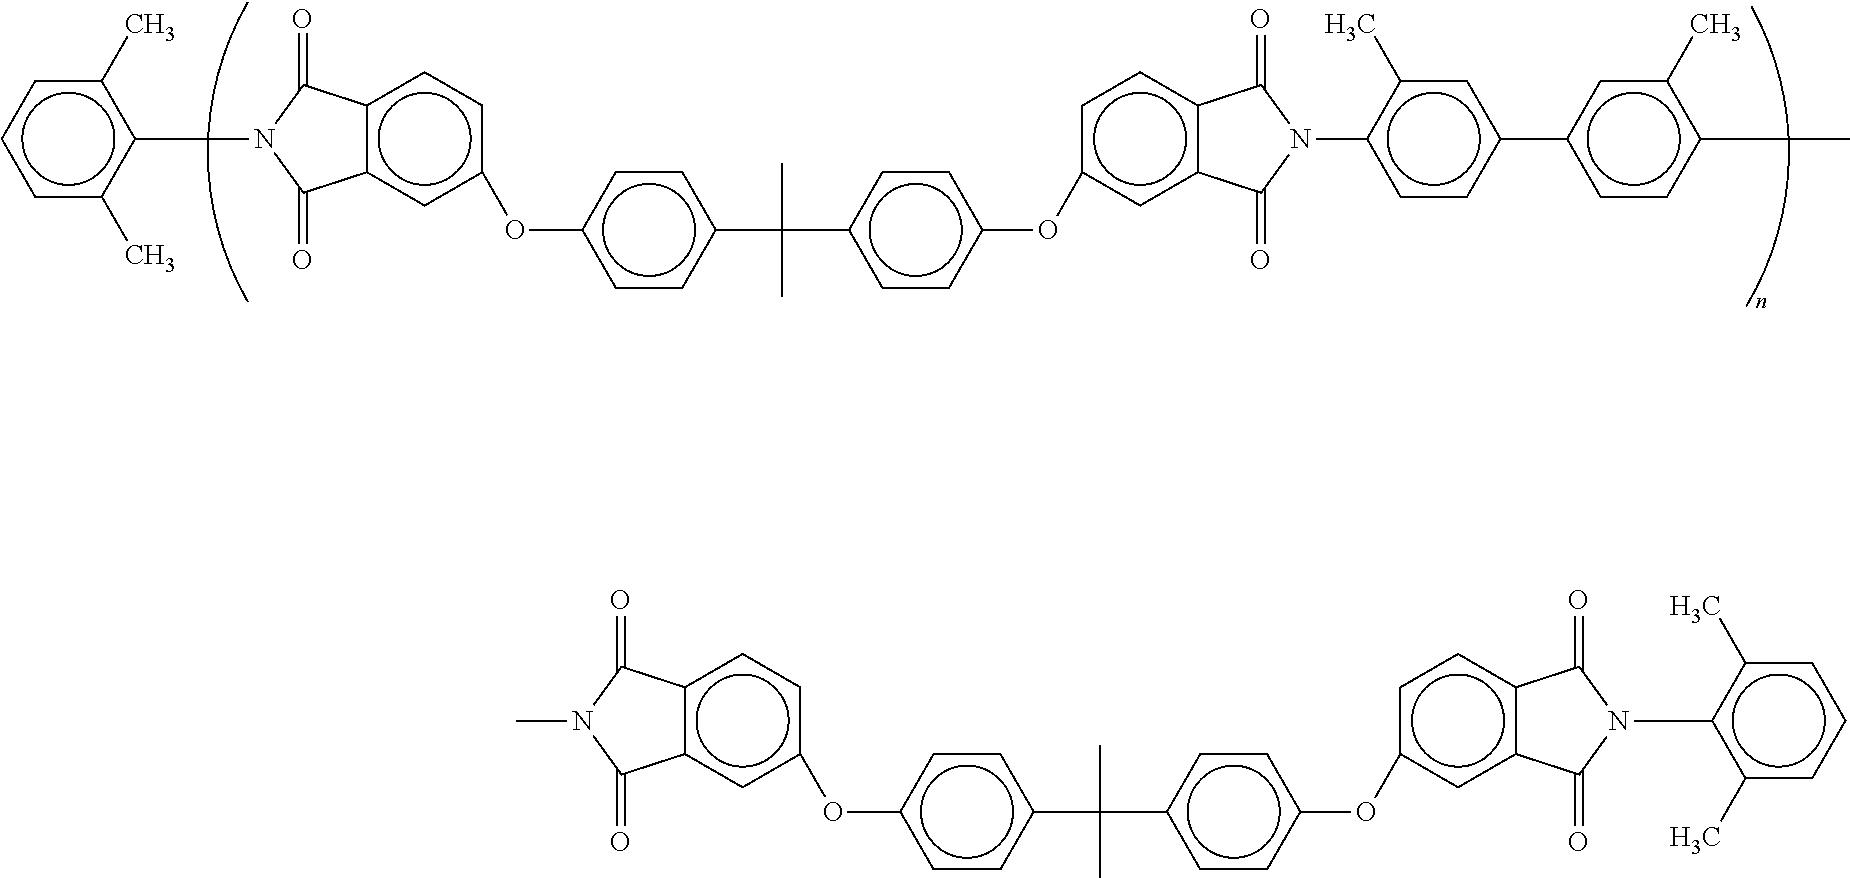 Figure US07935780-20110503-C00015